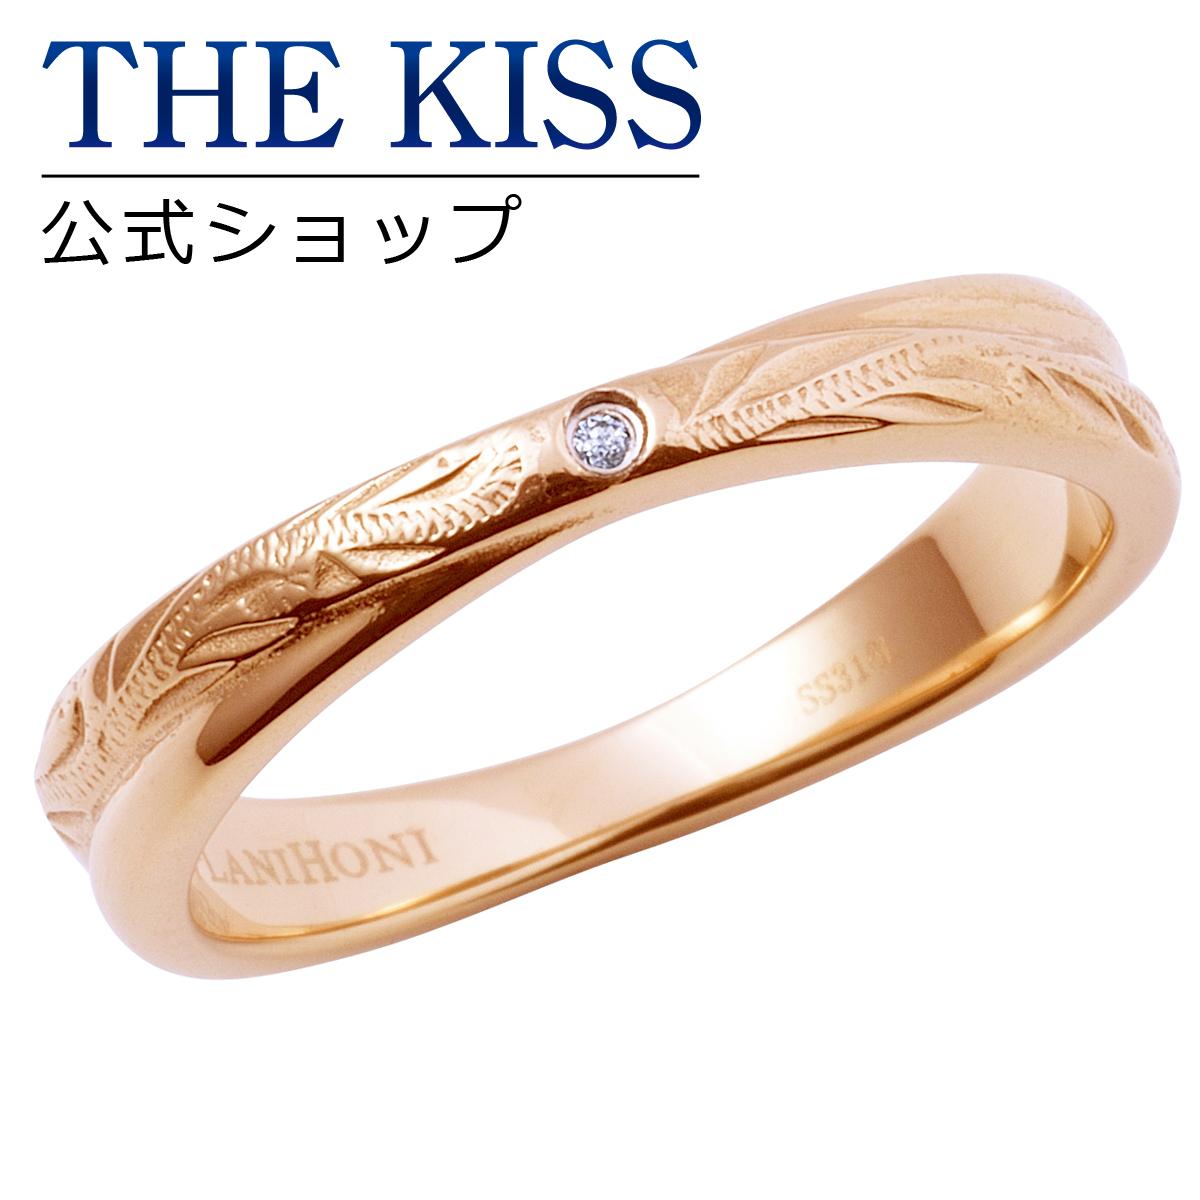 【あす楽対応】THE KISS 公式サイト ペアリング ステンレス ハワイアン ( レディース 単品 ) ペアアクセサリー カップル に 人気 の ジュエリーブランド THEKISS ペア リング・指輪 記念日 プレゼント L-R8029DM ザキス 【送料無料】